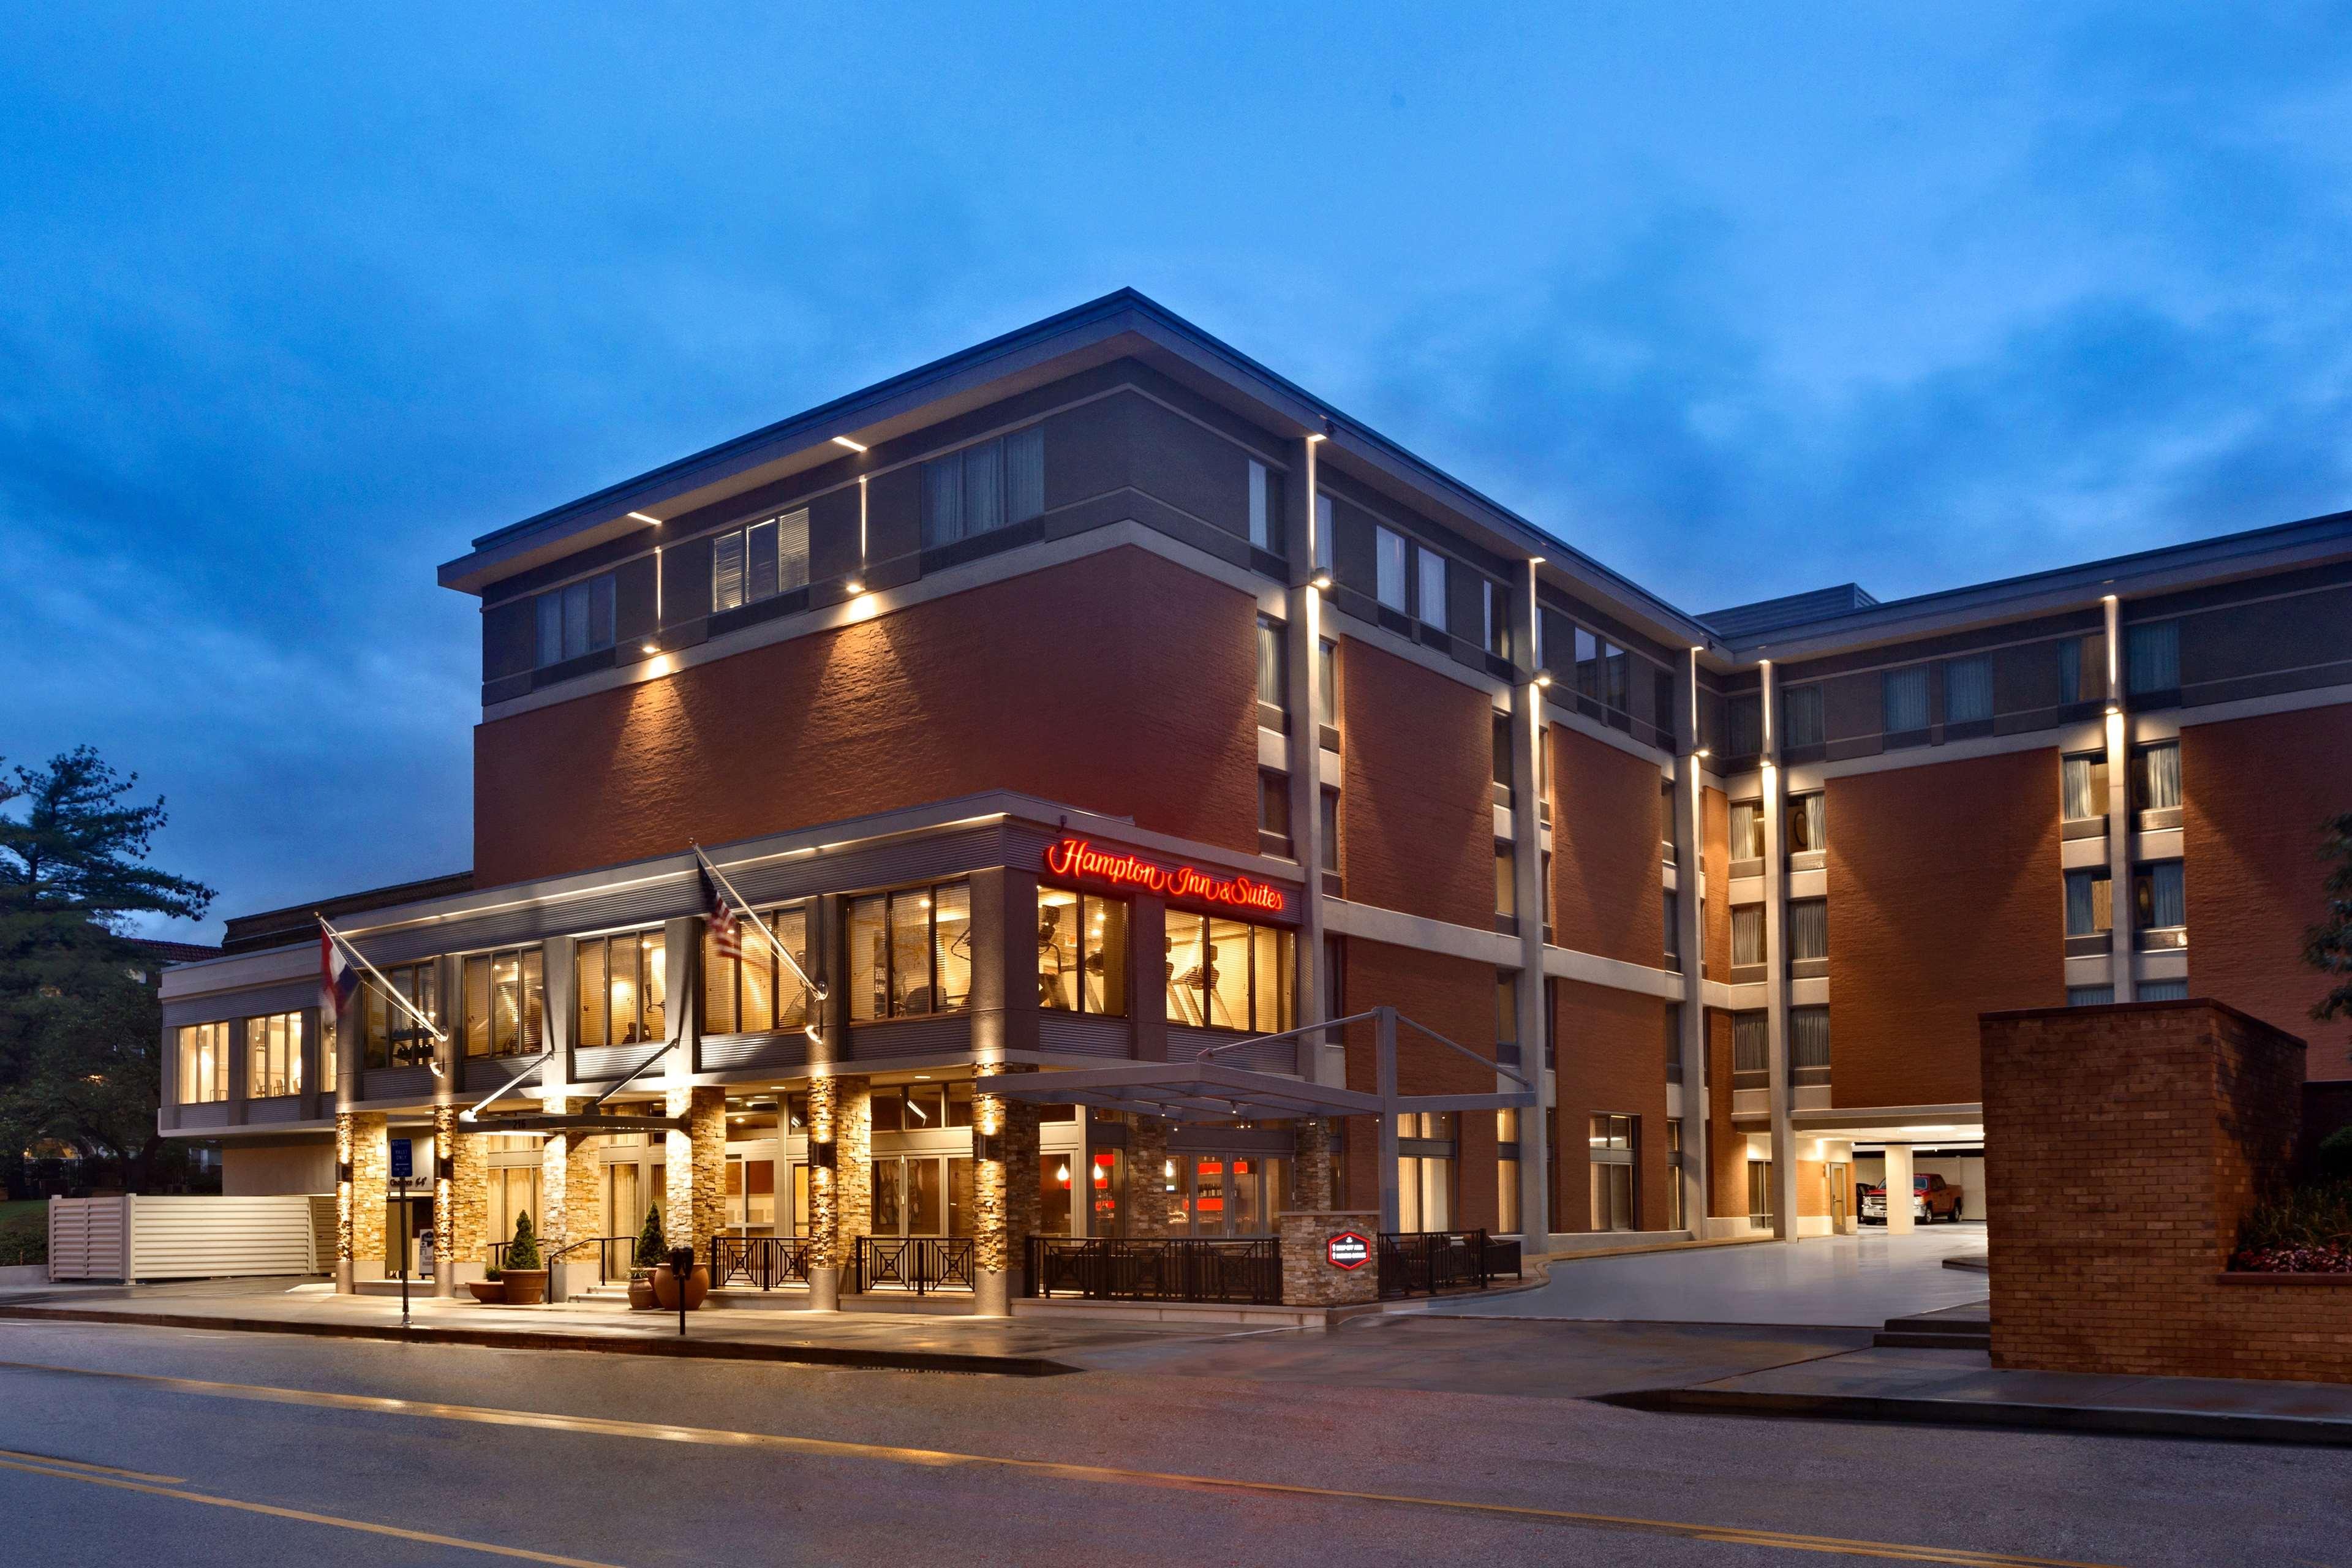 Hampton Inn and Suites Clayton/St Louis-Galleria Area image 0